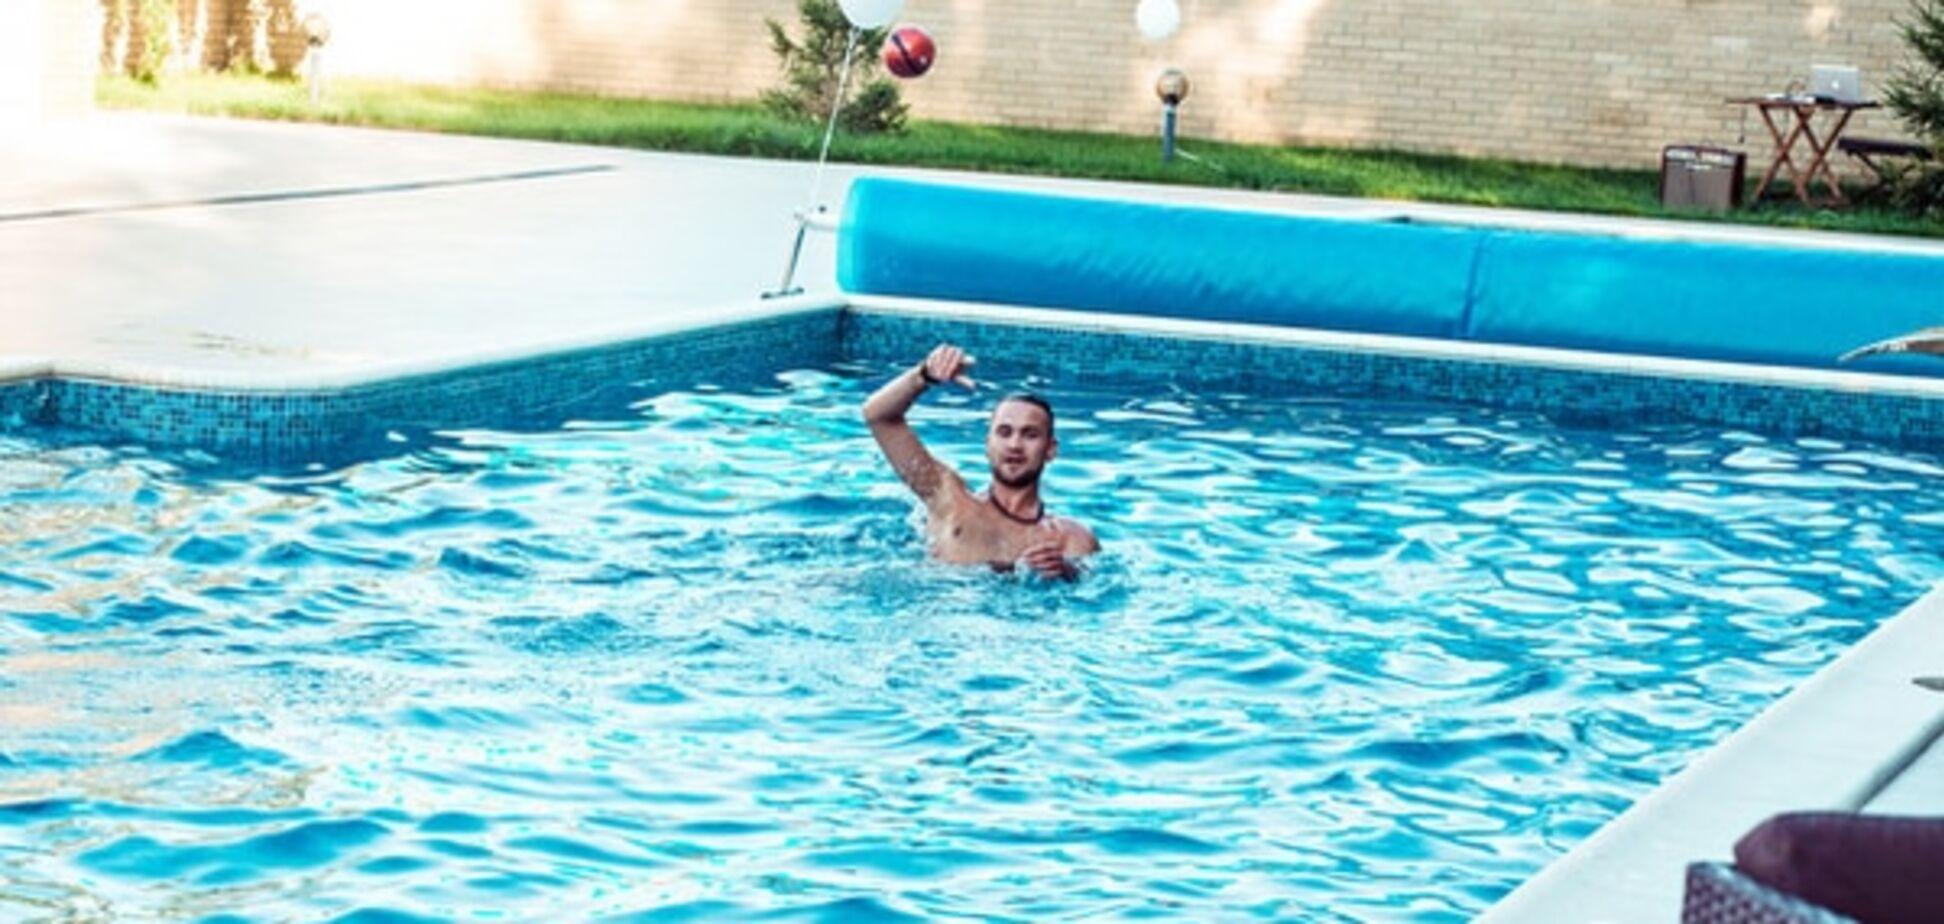 Могилевська похвалилася, як купала стриптизерів в басейні: фото із закритої вечірки